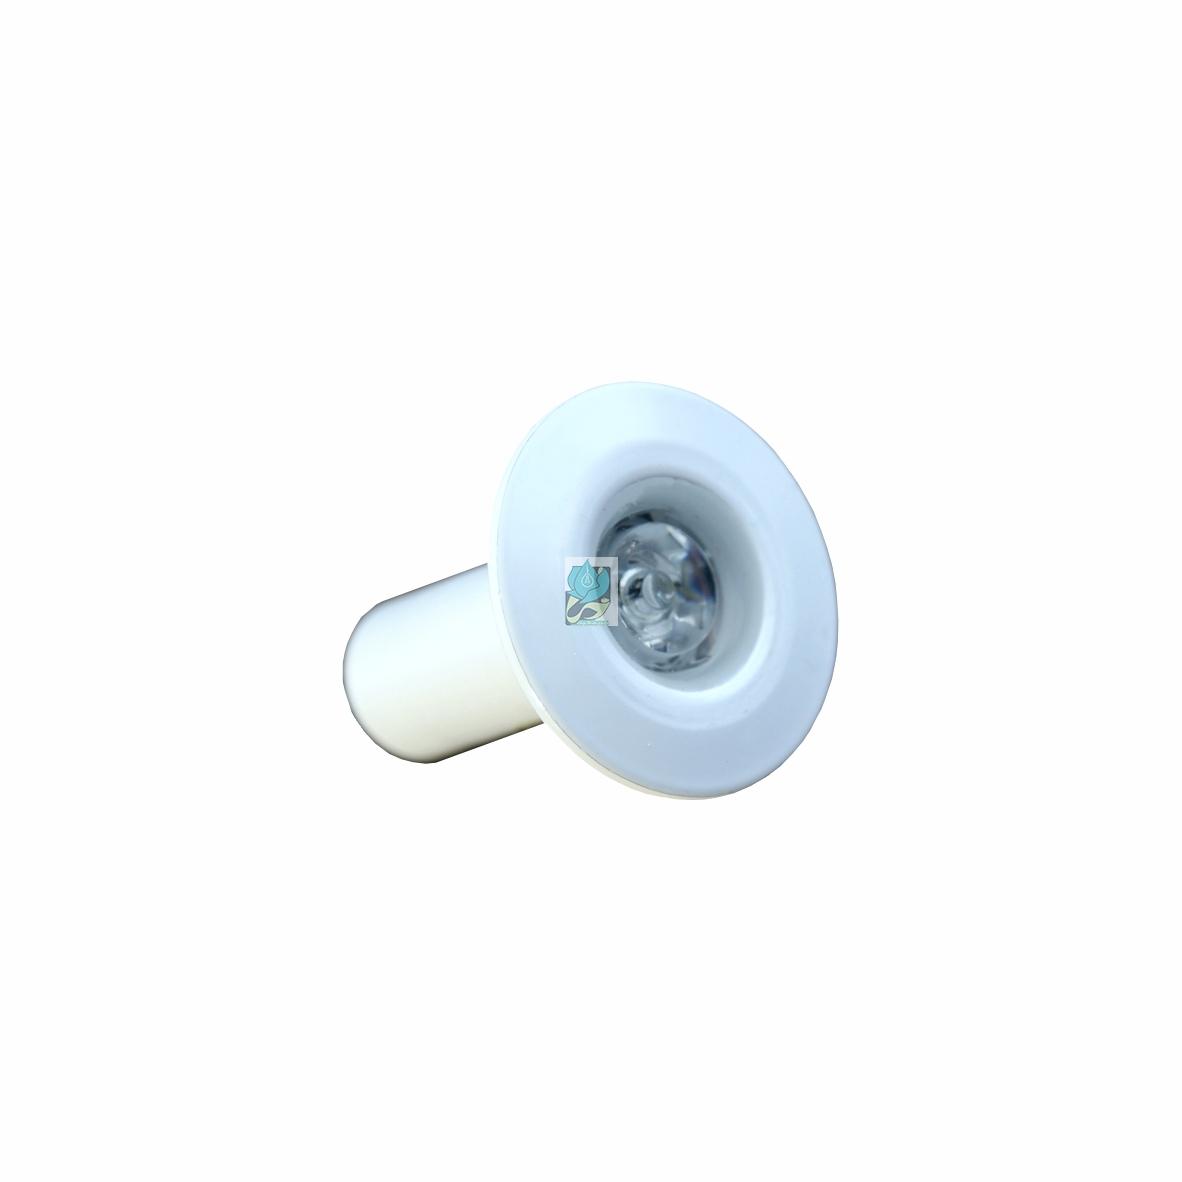 چراغ توکار استخری تک رنگ 2 وات 12 ولت مدل 2RE - چراغ توکار استخر - چراغ توکار استخری - چراغ توکار استخری تک رنگ - چراغ توکار استخری تک رنگ 2 وات - چراغ توکار استخری تک رنگ 12 ولت